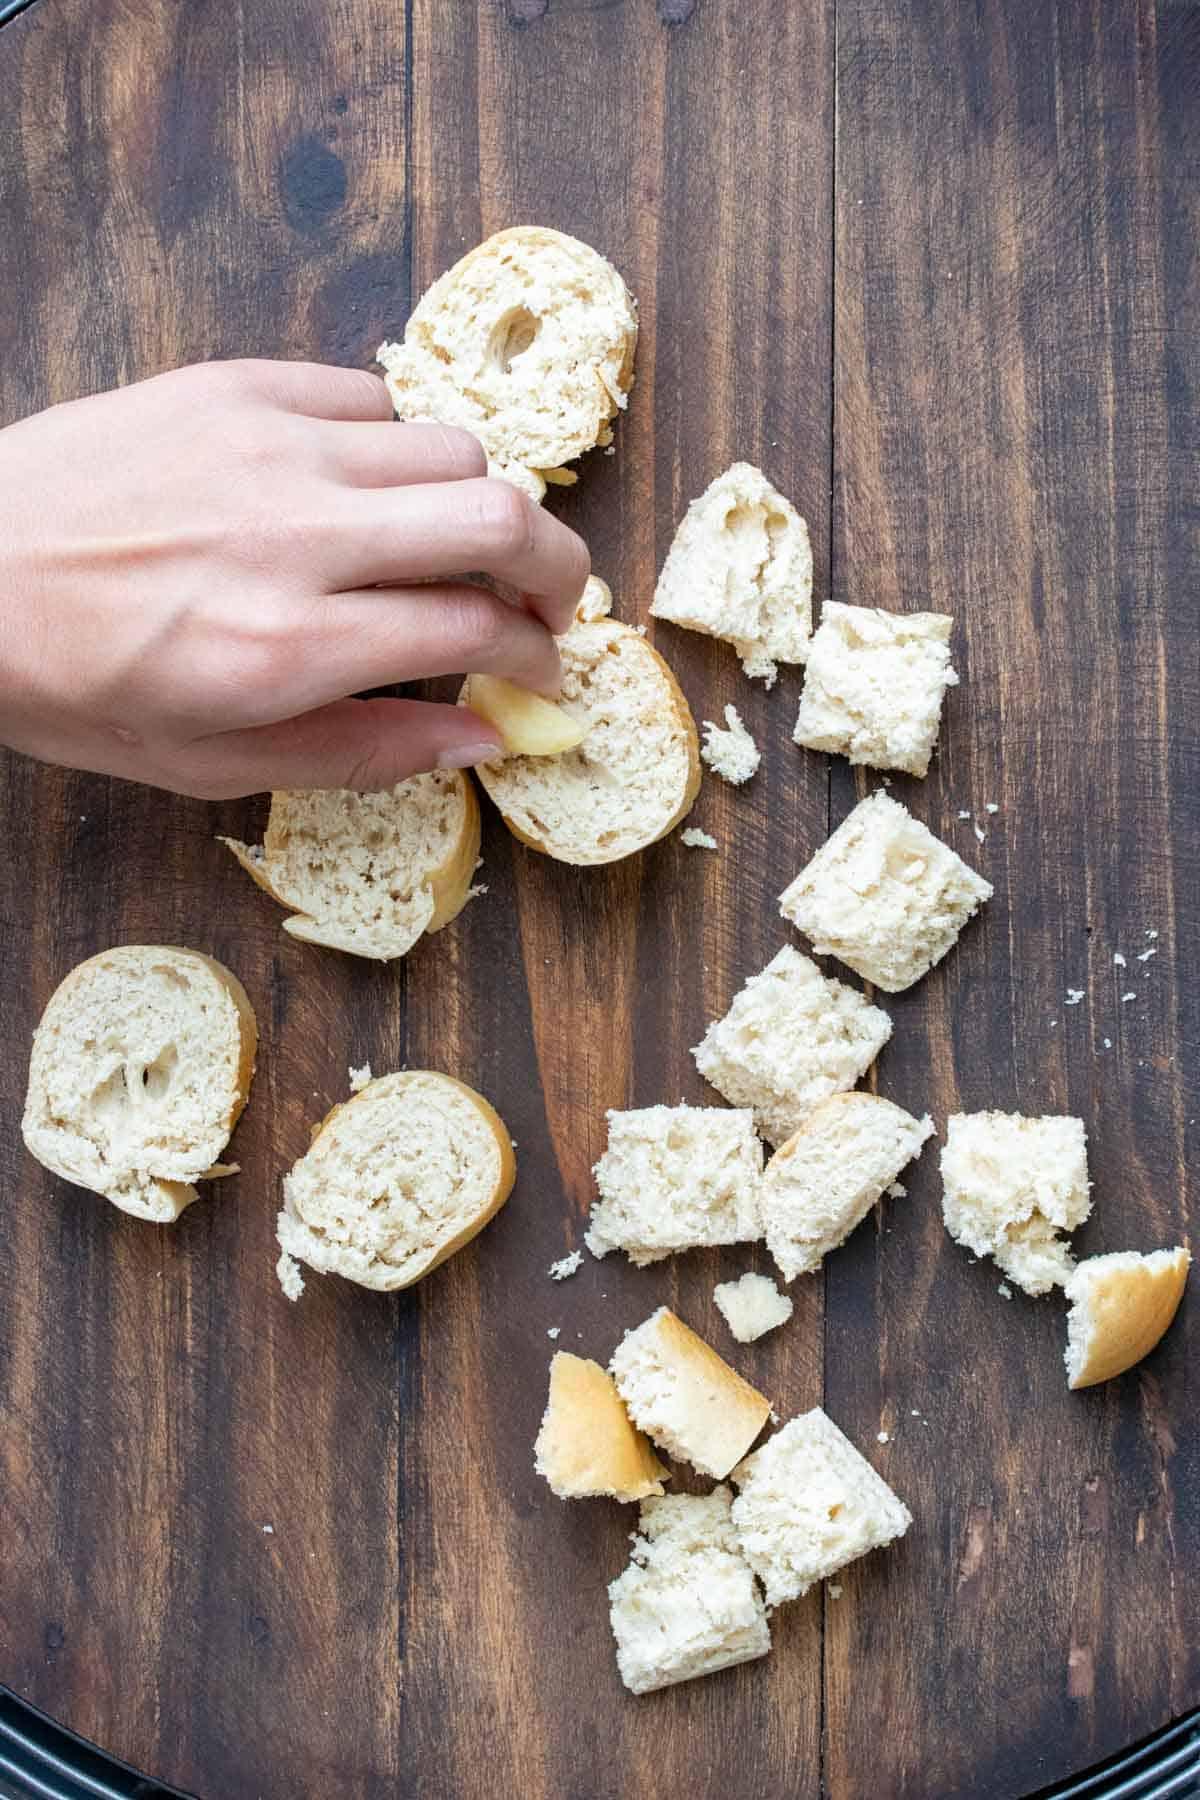 Hand rubbing cut garlic on cubes of bread